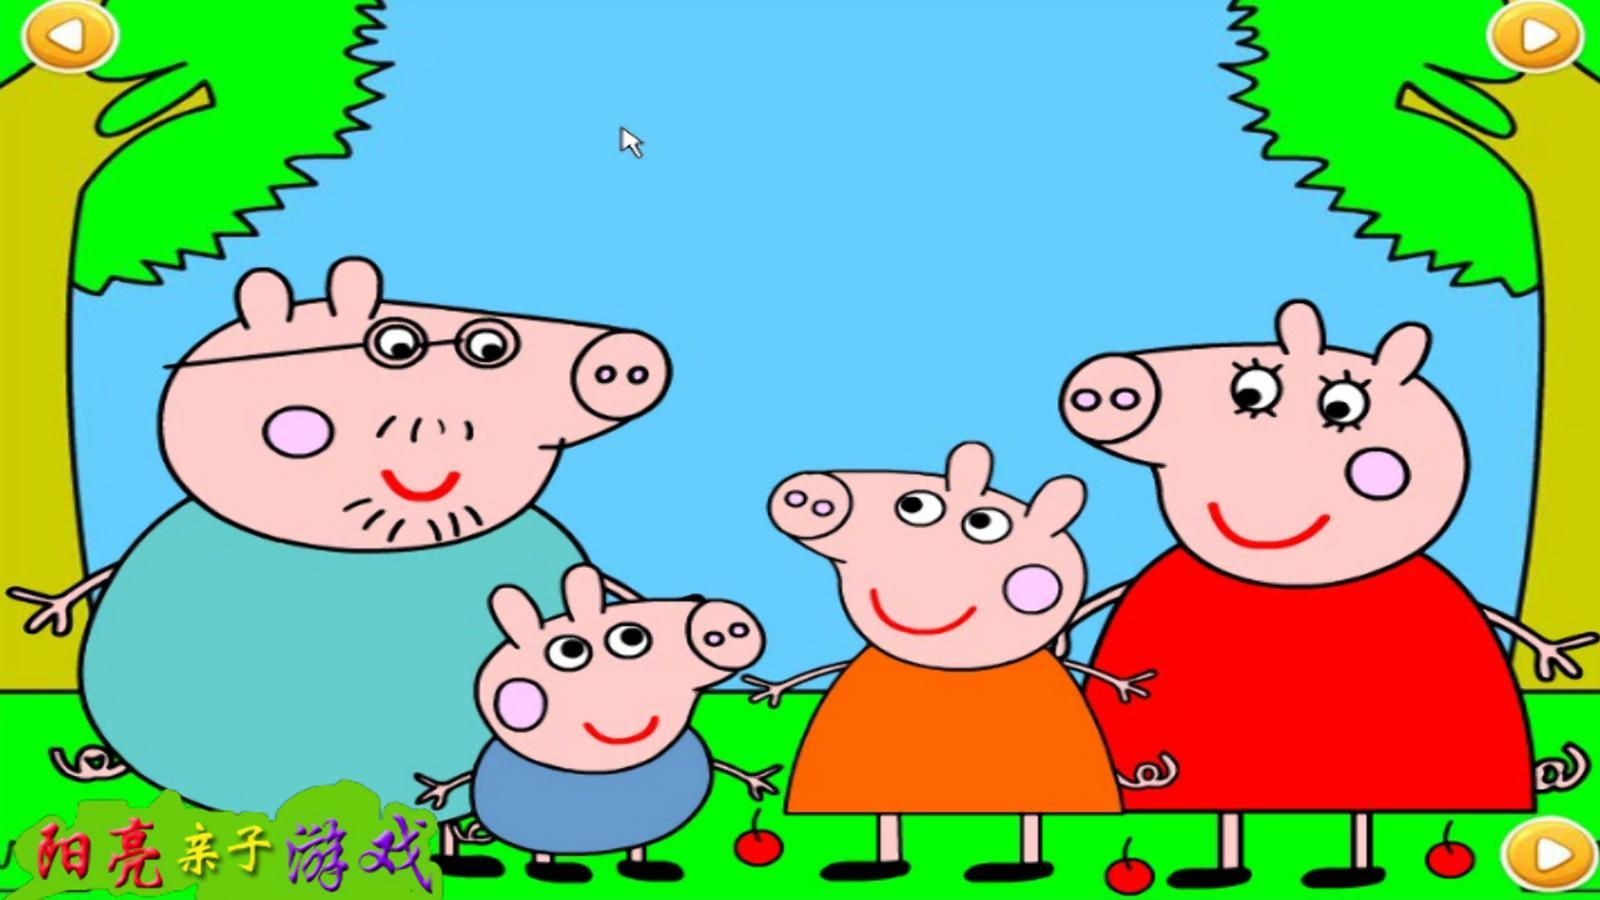 小猪佩奇画图填色 给猪小妹画上漂亮的颜色「阳亮亲子游戏」第173.